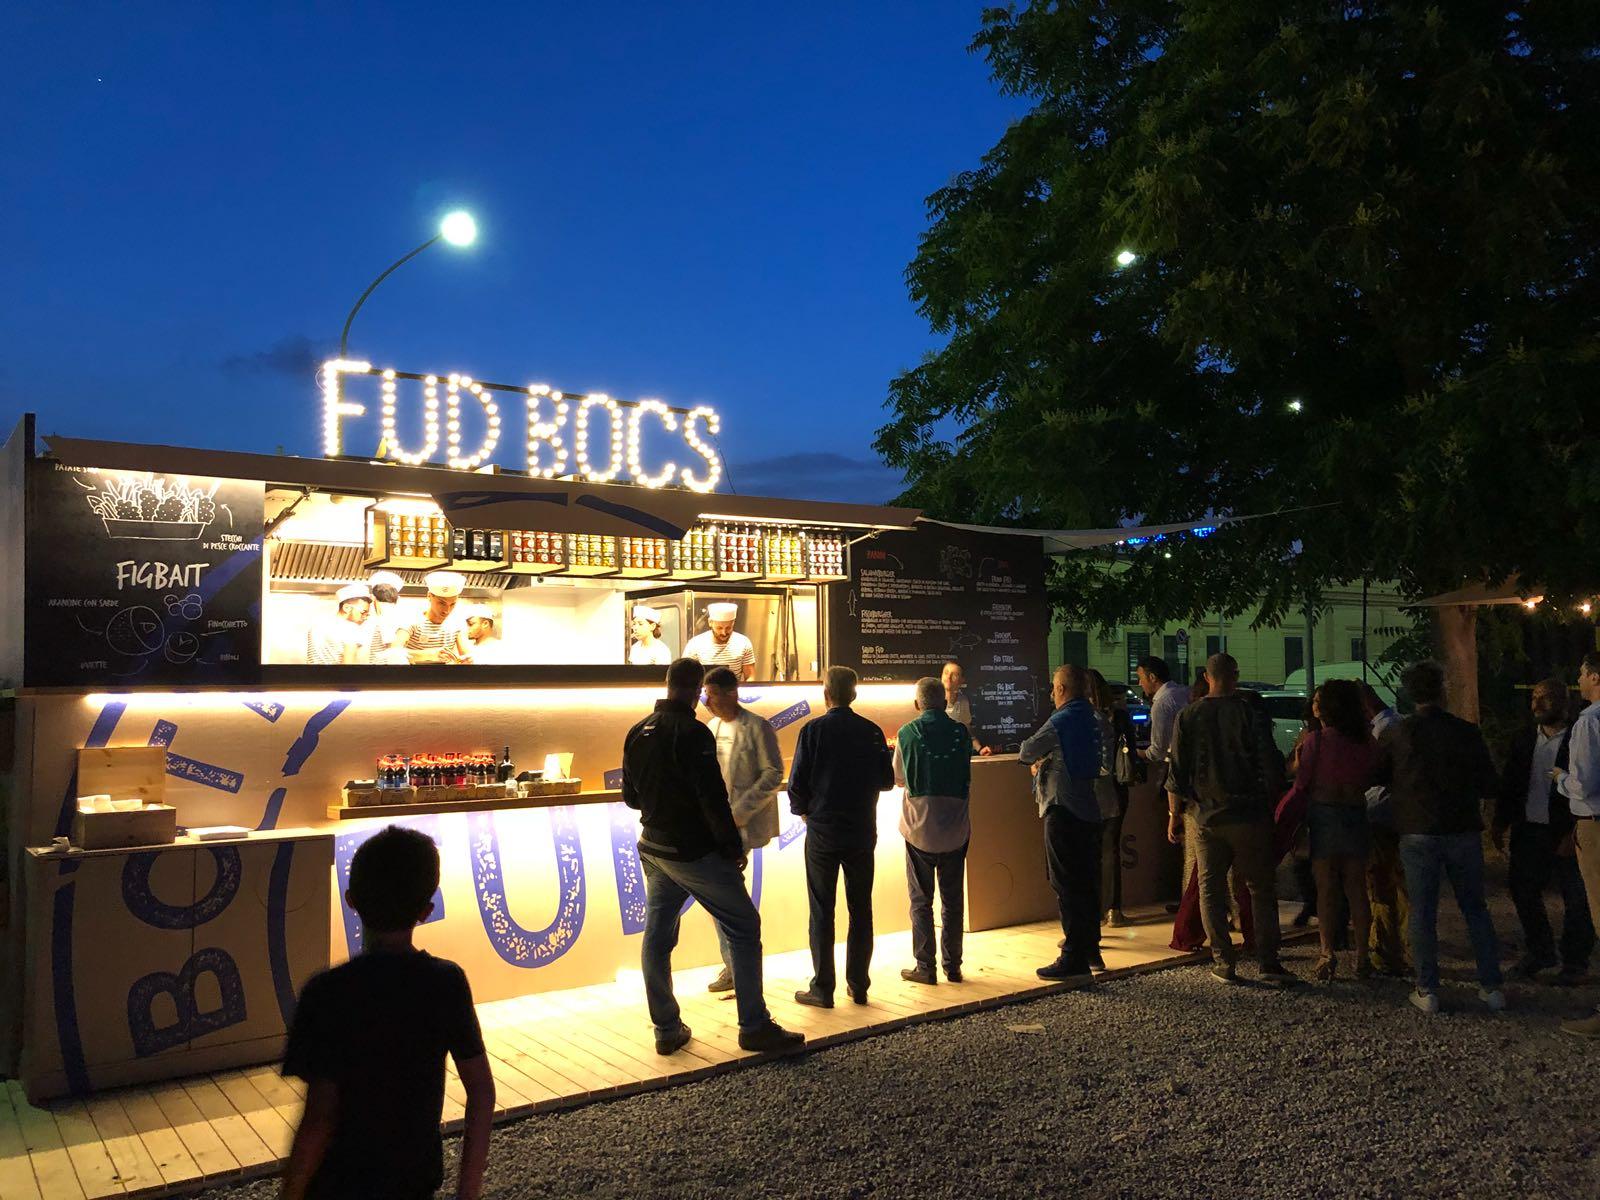 Dal primogiugno Fud Bocs, il fish bar targato Fud Bottega Sicula, riaprealNautoscopioArte di Palermo | Sicilia da Gustare